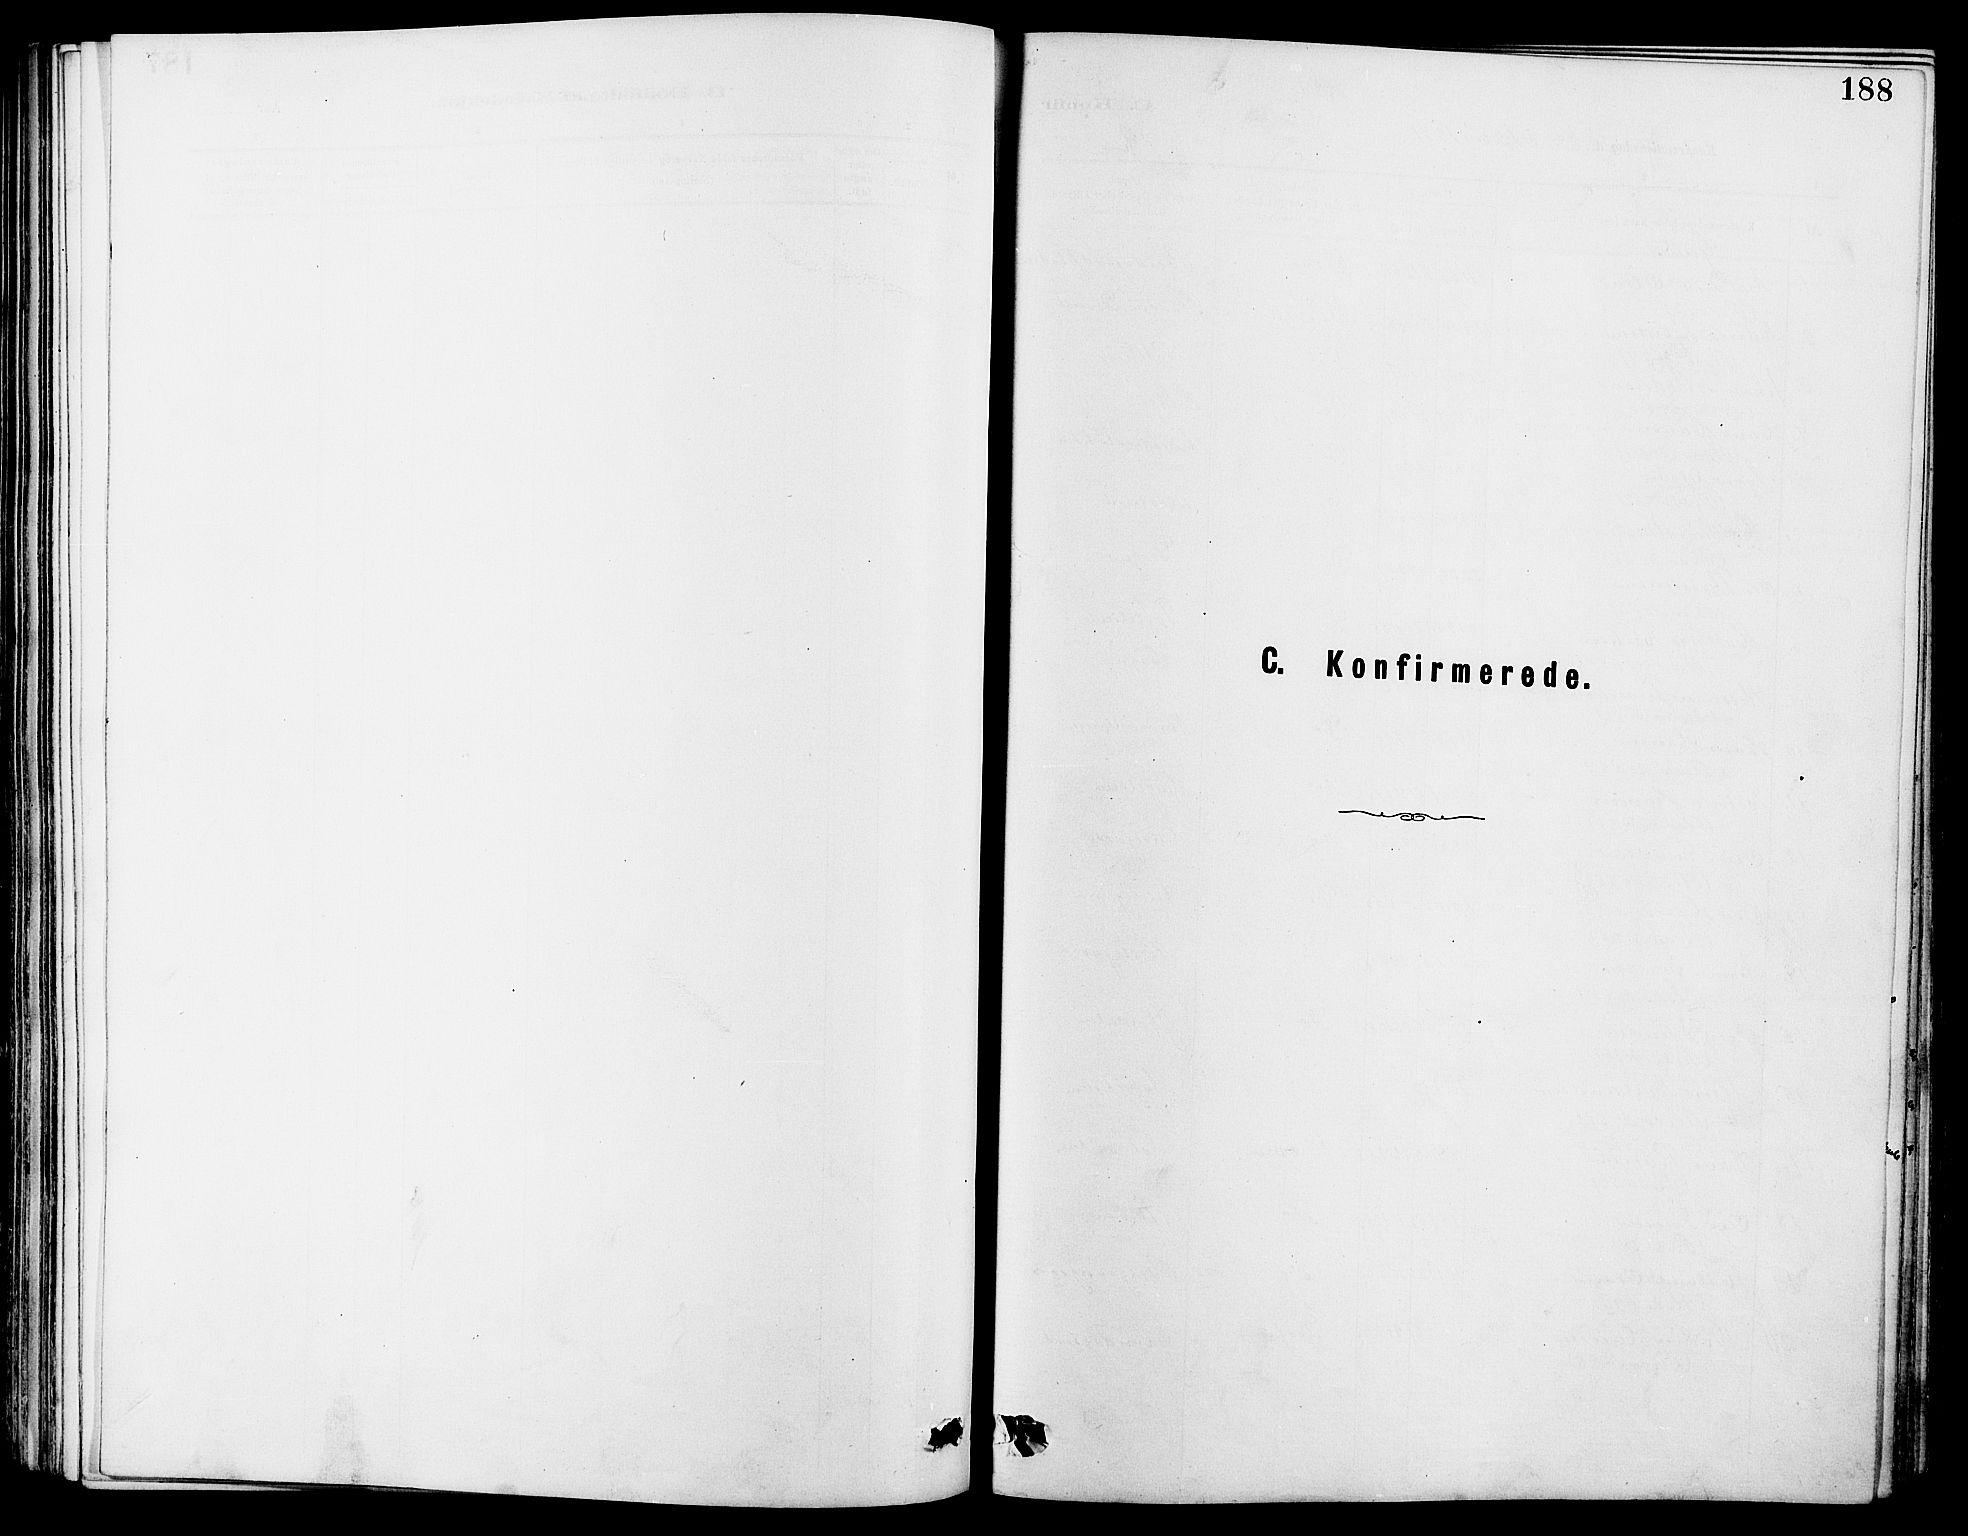 SAH, Dovre prestekontor, Klokkerbok nr. 2, 1881-1907, s. 188